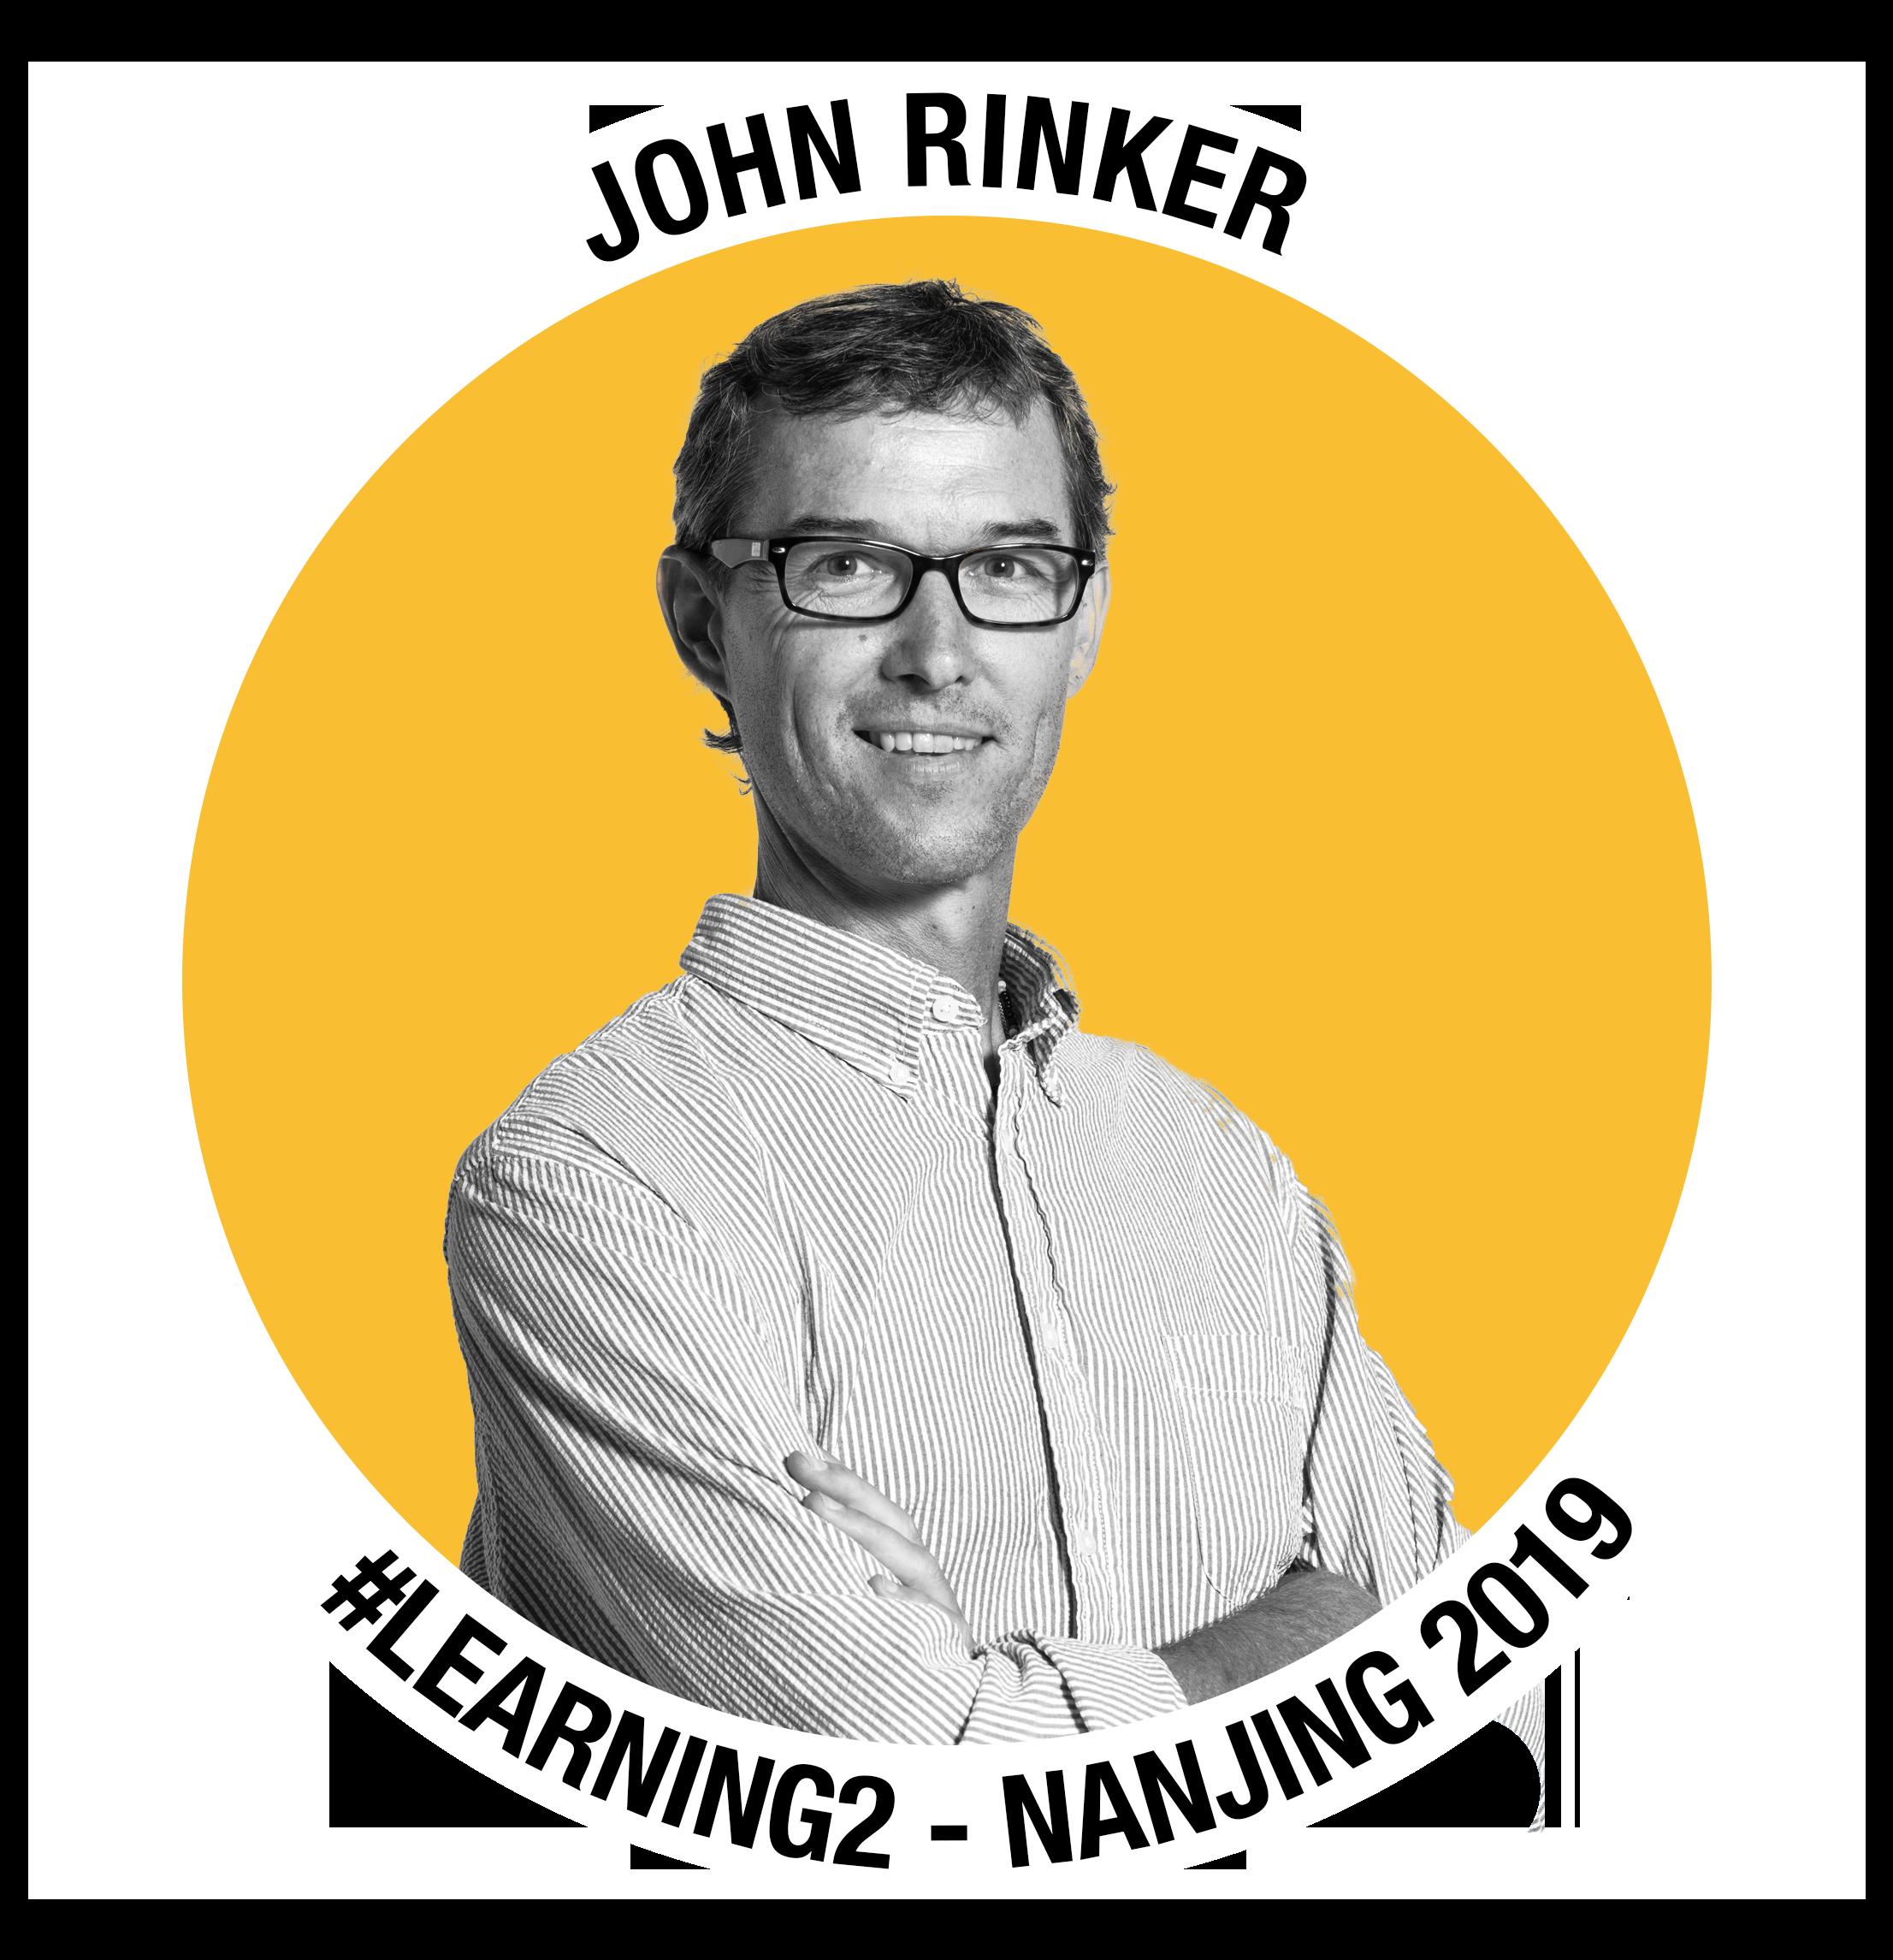 John Rinker